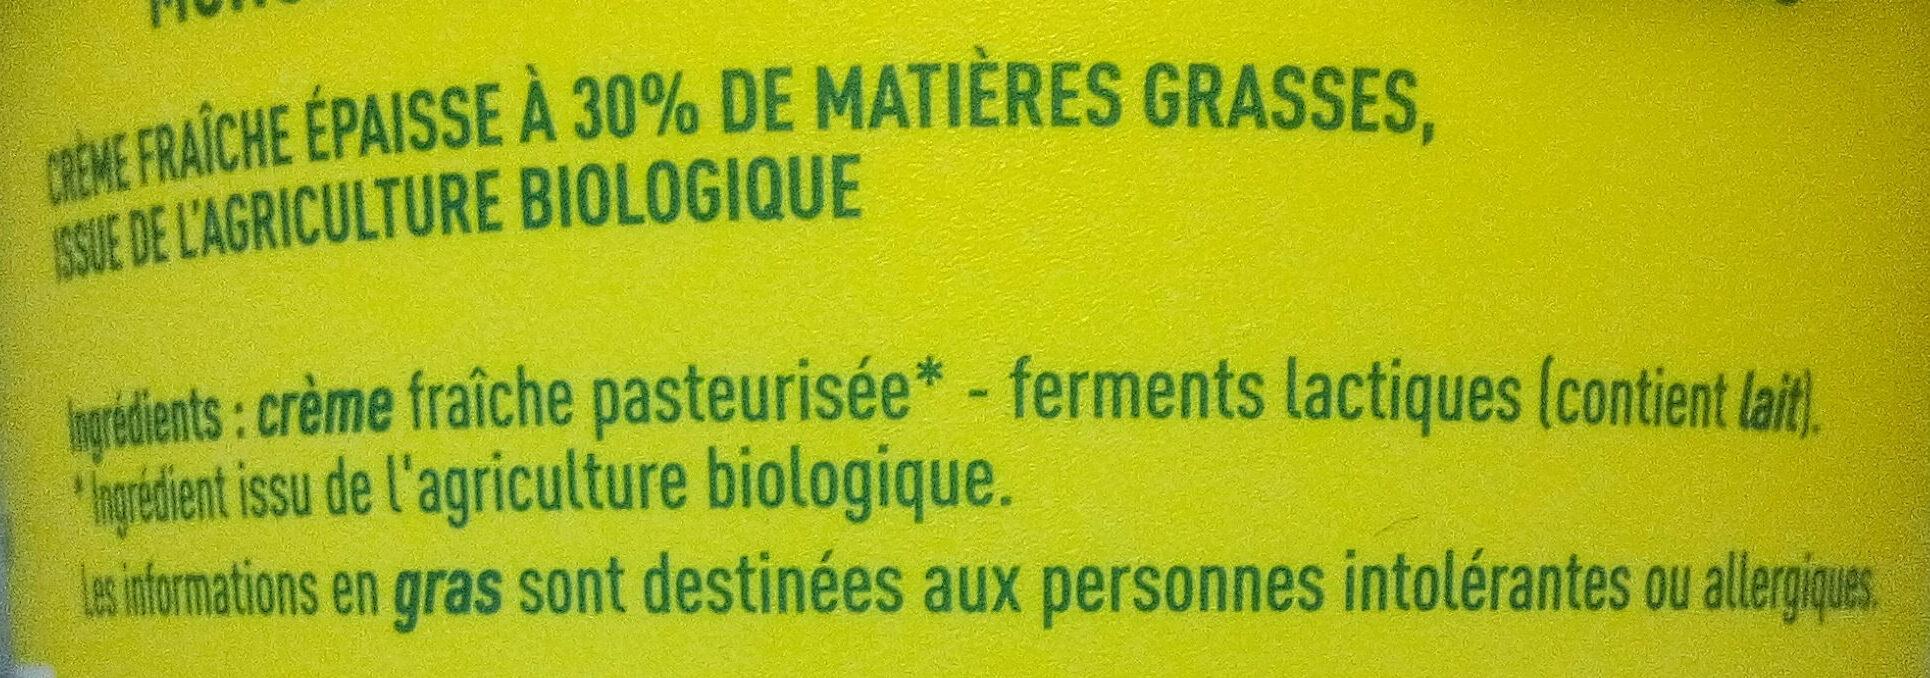 Creme Fraiche Bio - Ingredients - fr